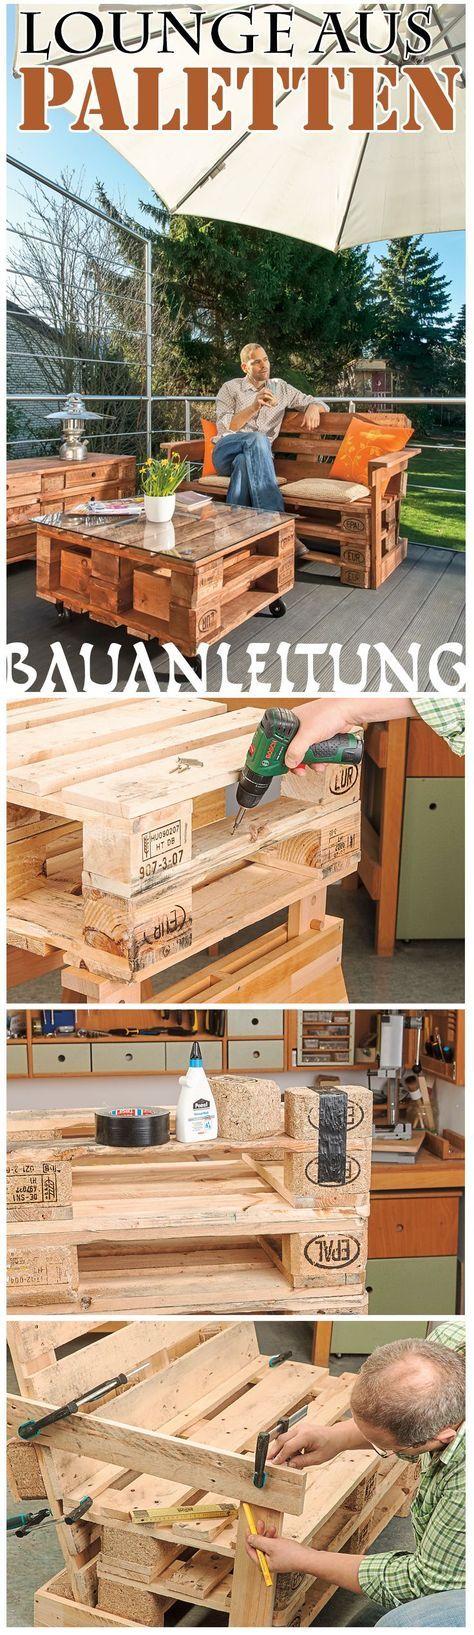 Gartenmöbel aus Europaletten Pinterest Pallets, Upcycling and - gartenmobel selber bauen anleitung